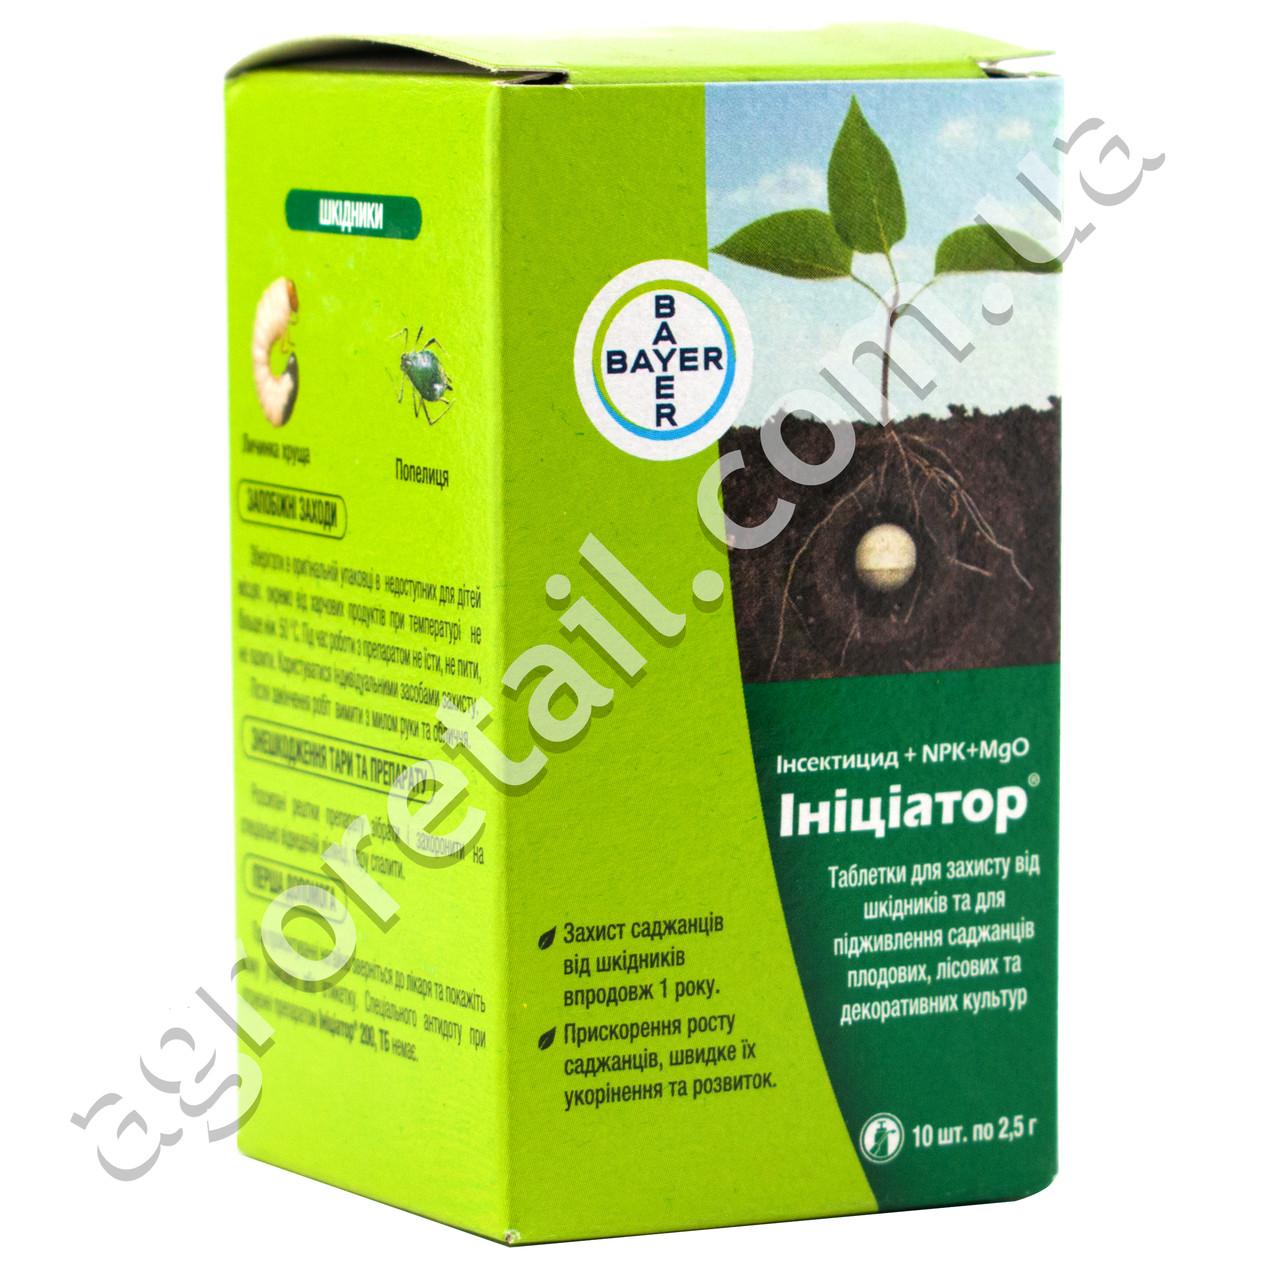 Инсектицид Инициатор 10 таблеток